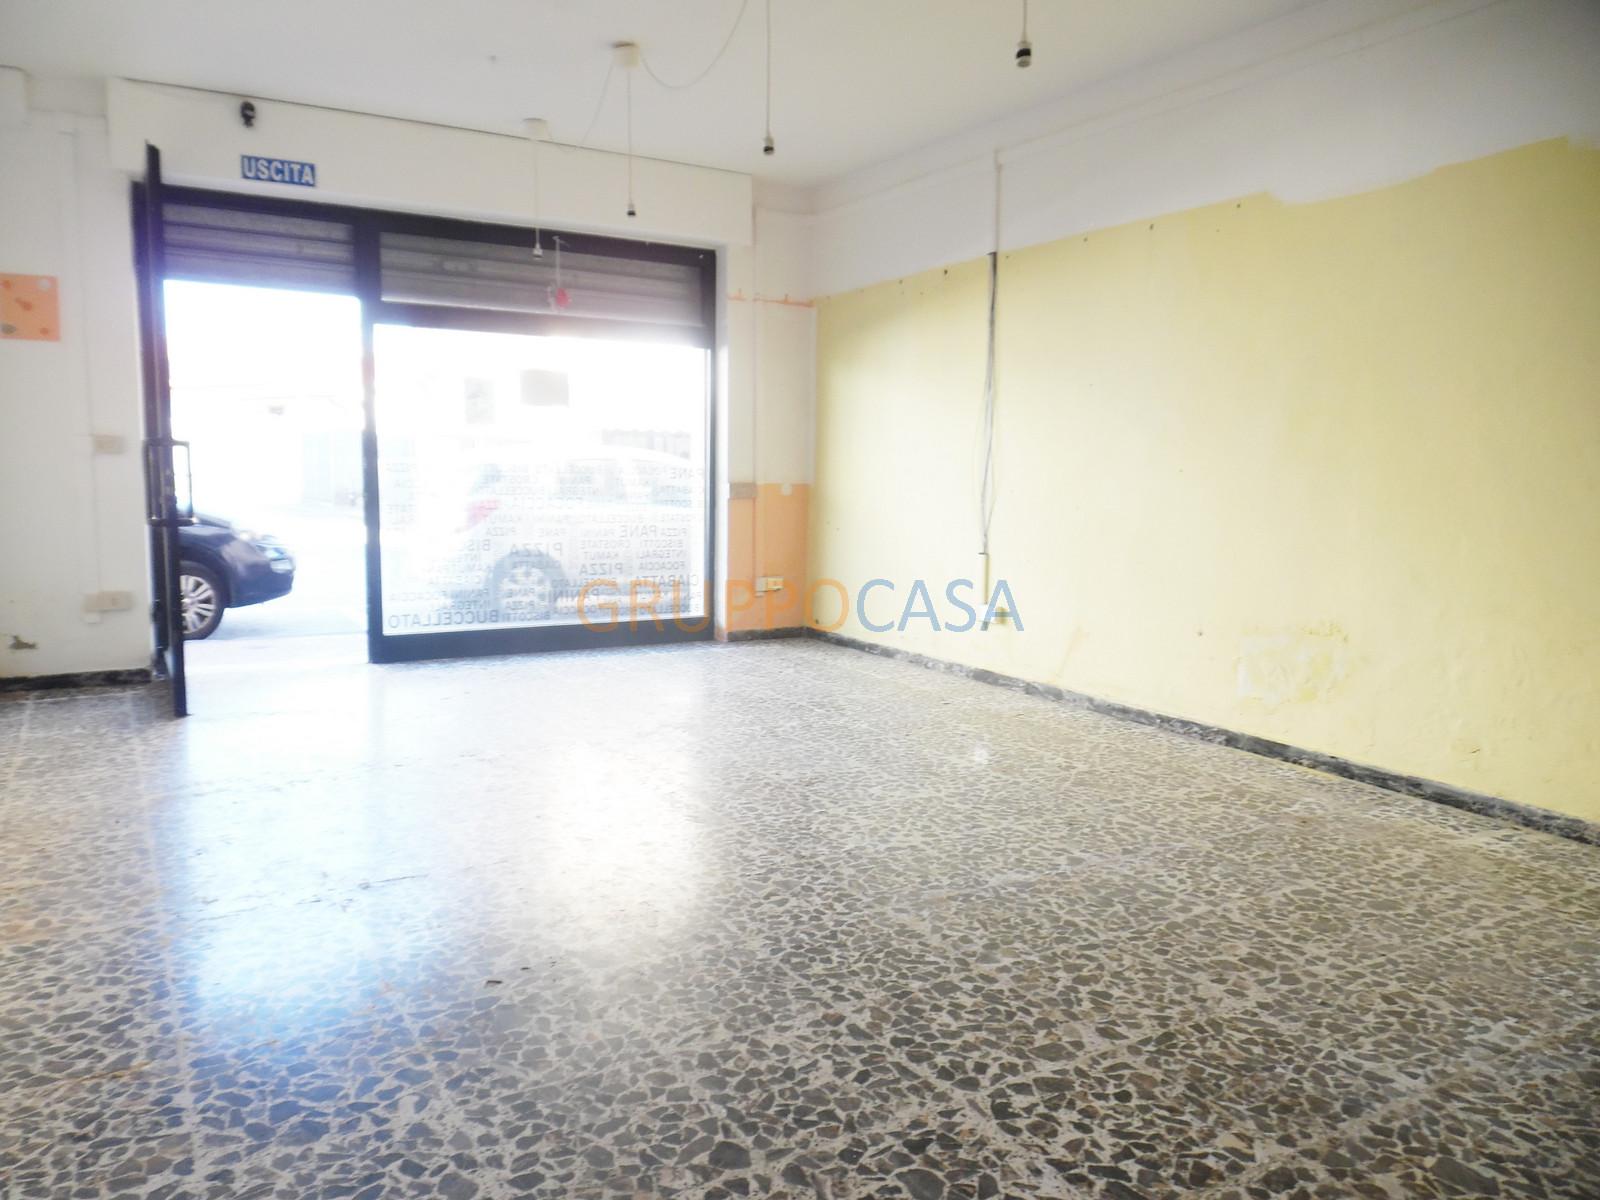 Negozio / Locale in affitto a Chiesina Uzzanese, 9999 locali, zona Località: Centro, prezzo € 450 | Cambio Casa.it